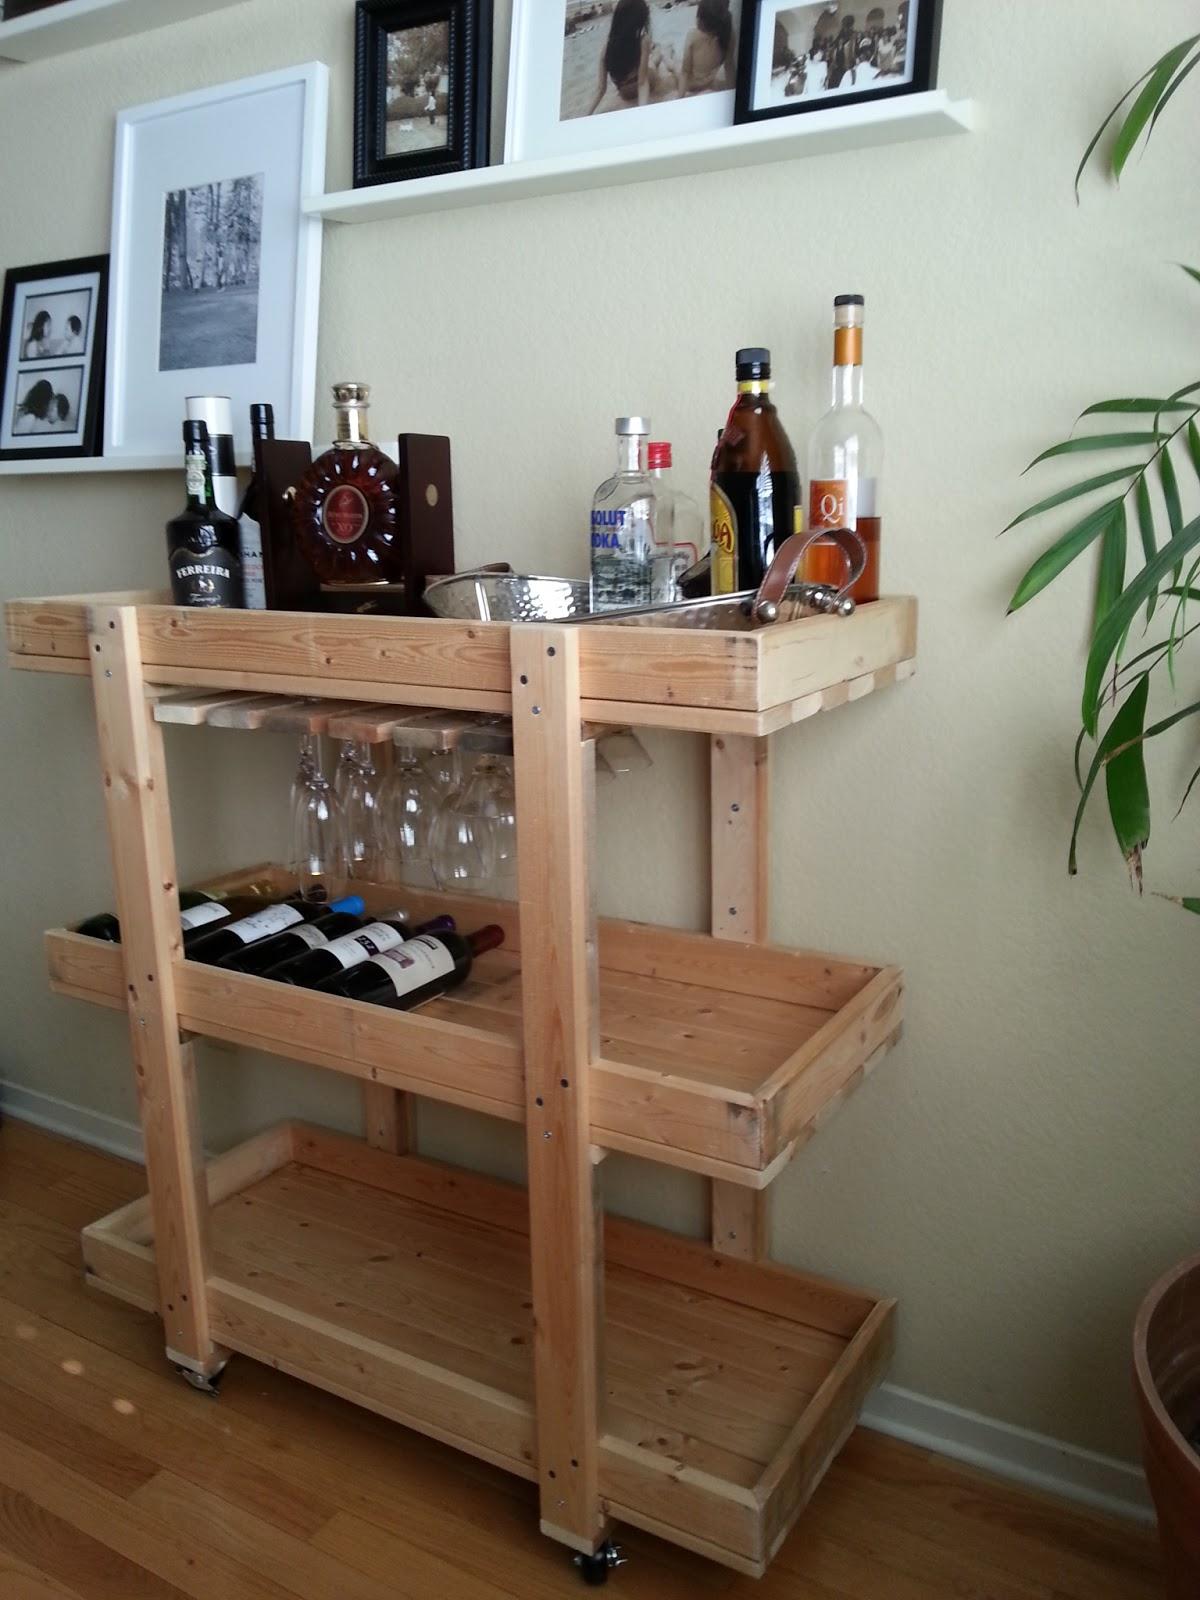 The Nifty Nest Diy Bar Cart